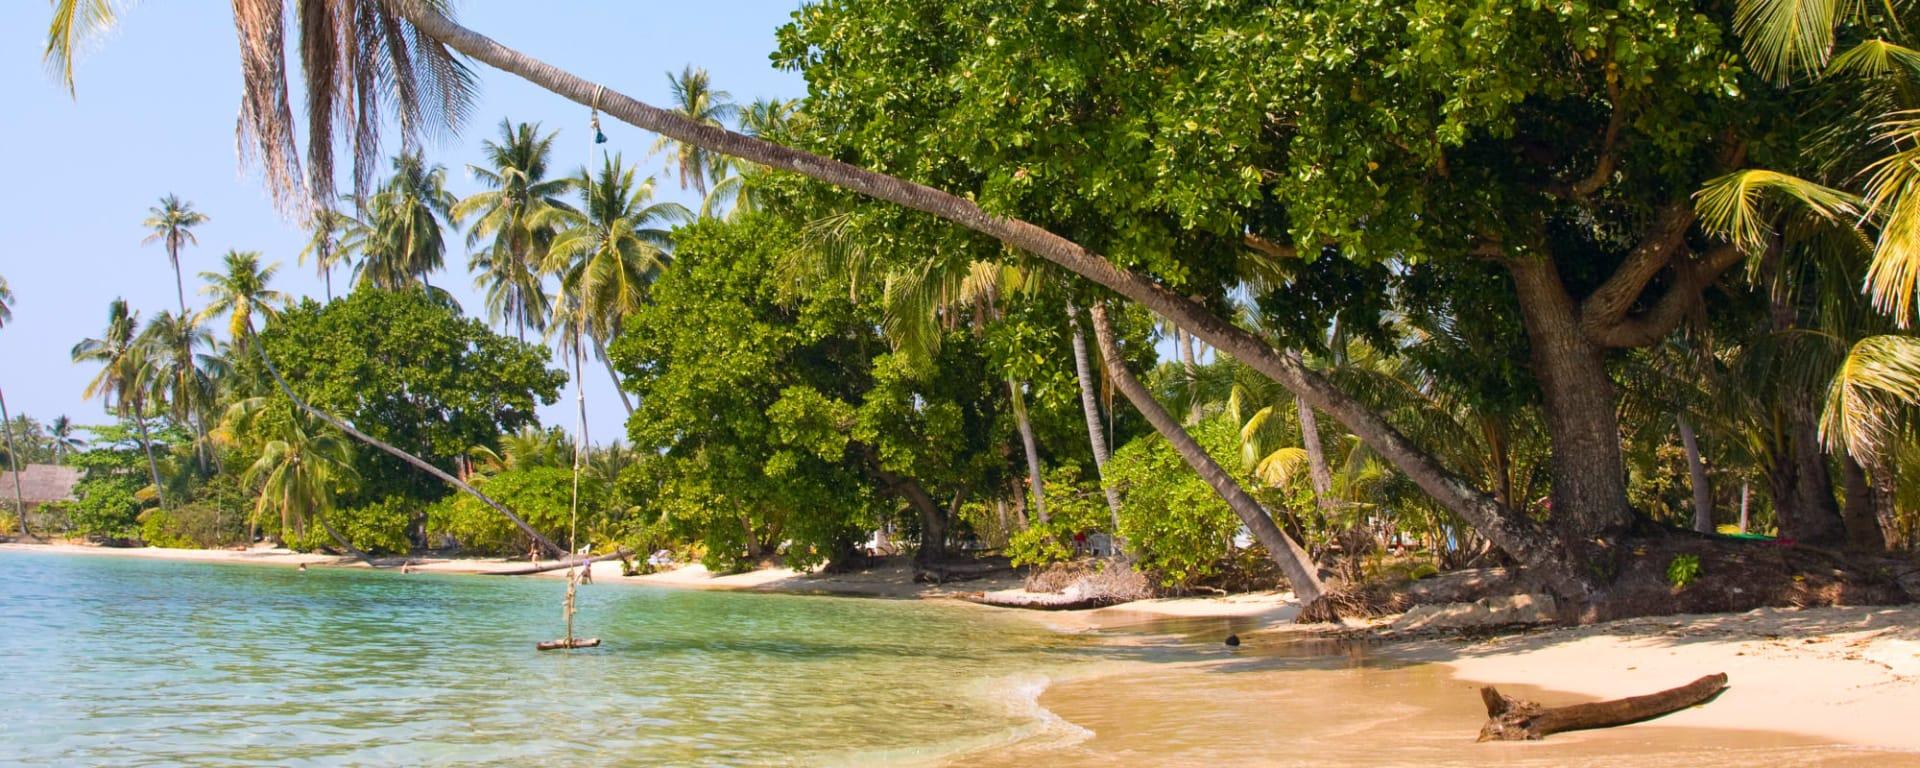 Inselhüpfen Golf von Siam ab Ko Chang & Umgebung: Thailand Golf von Siam Koh Mak